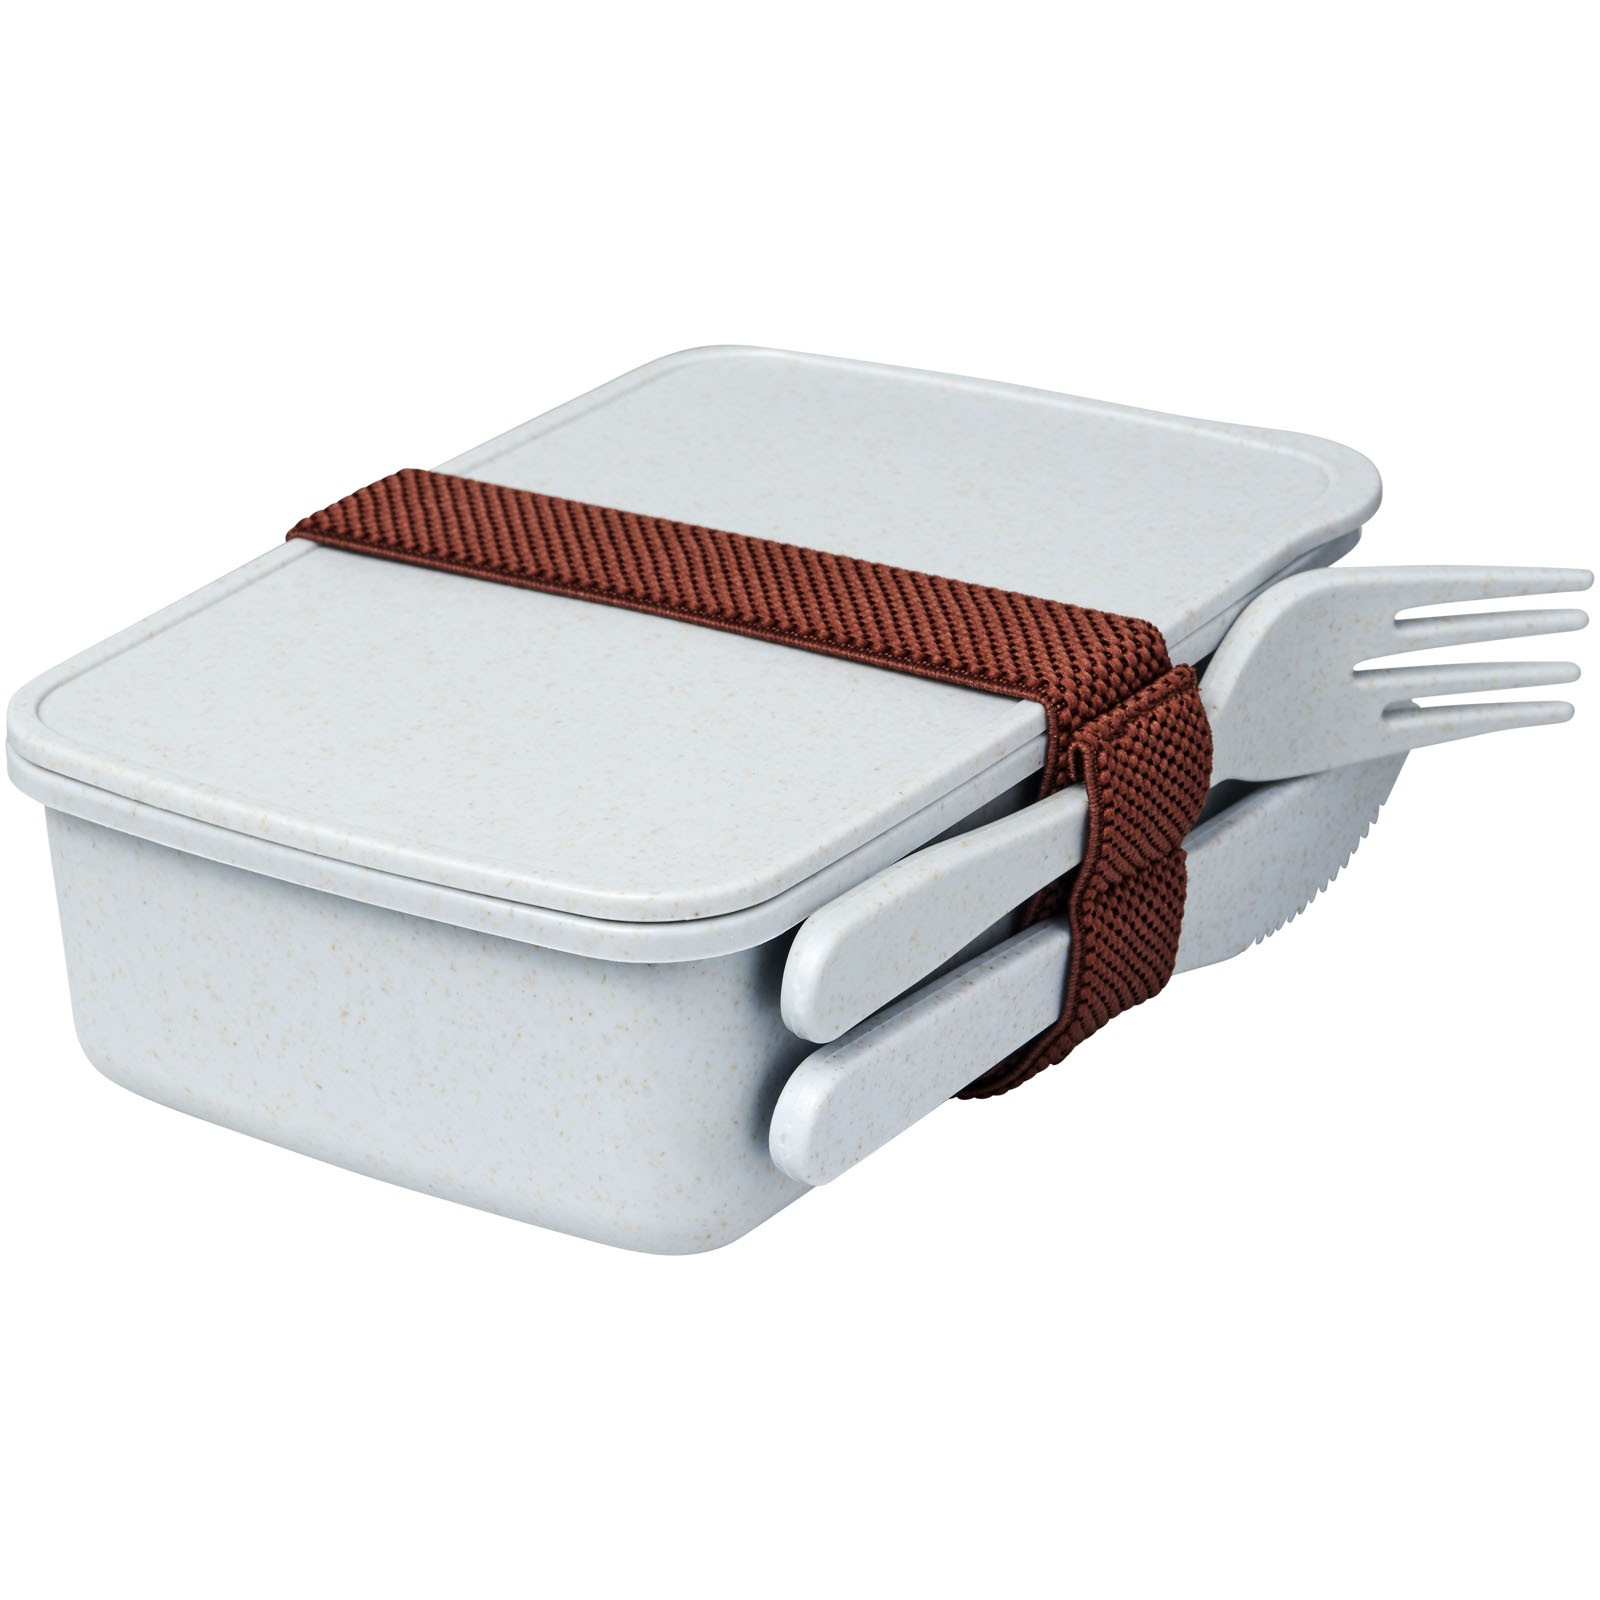 Bamberg bamboo fibre lunch box - Grey